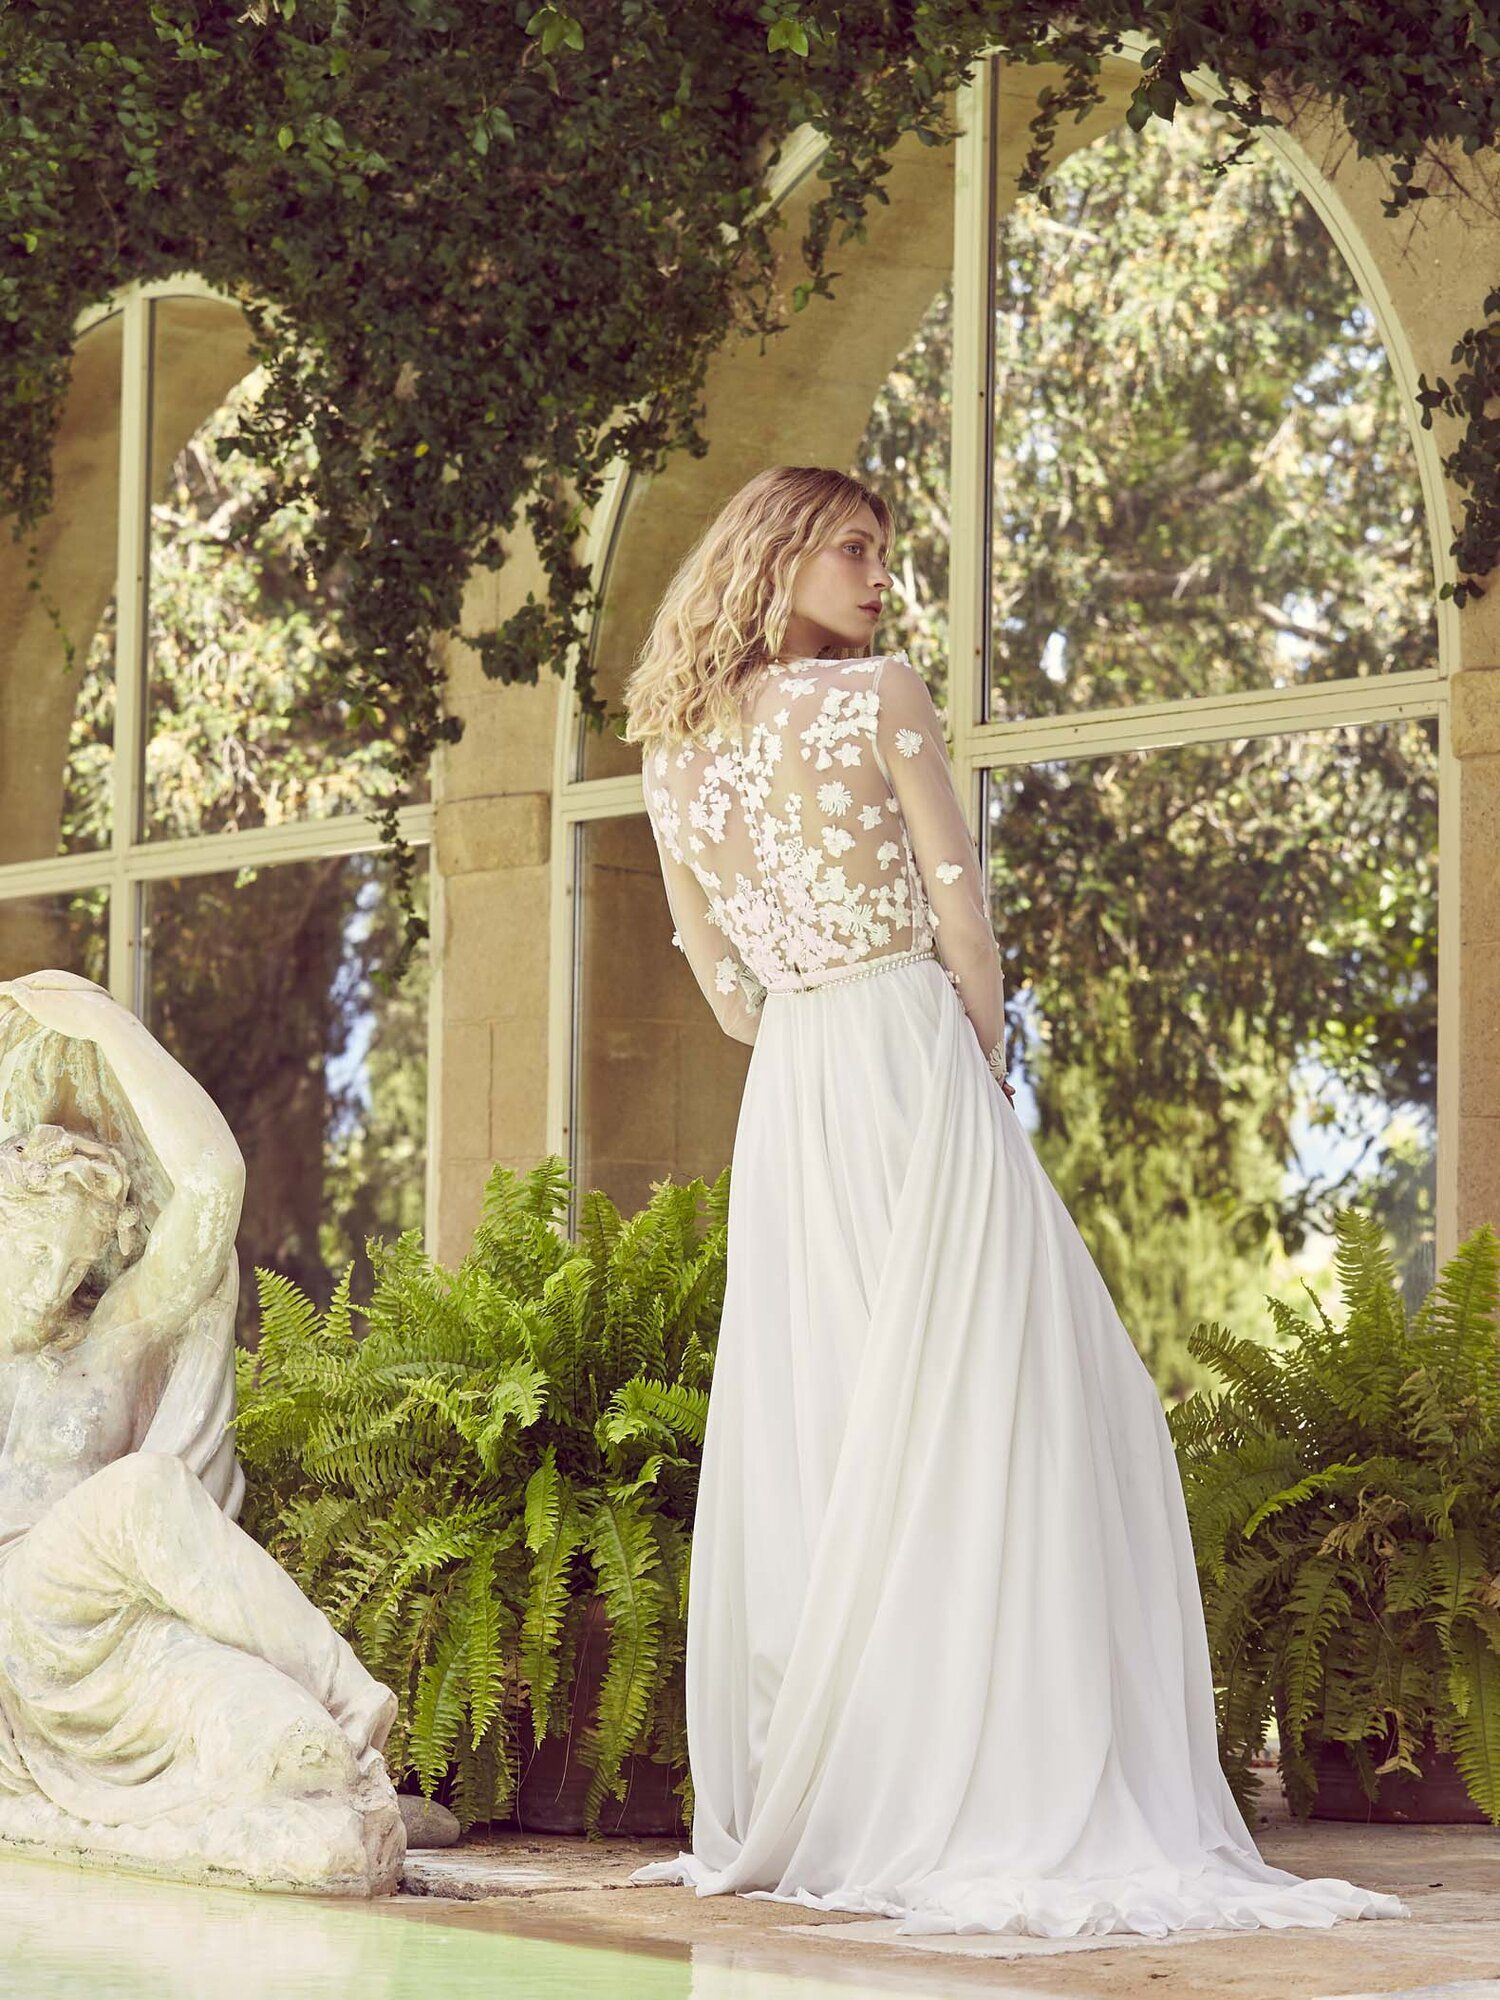 Französische Brautkleider — Oh Oui in 11  Hochzeitskleid spitze